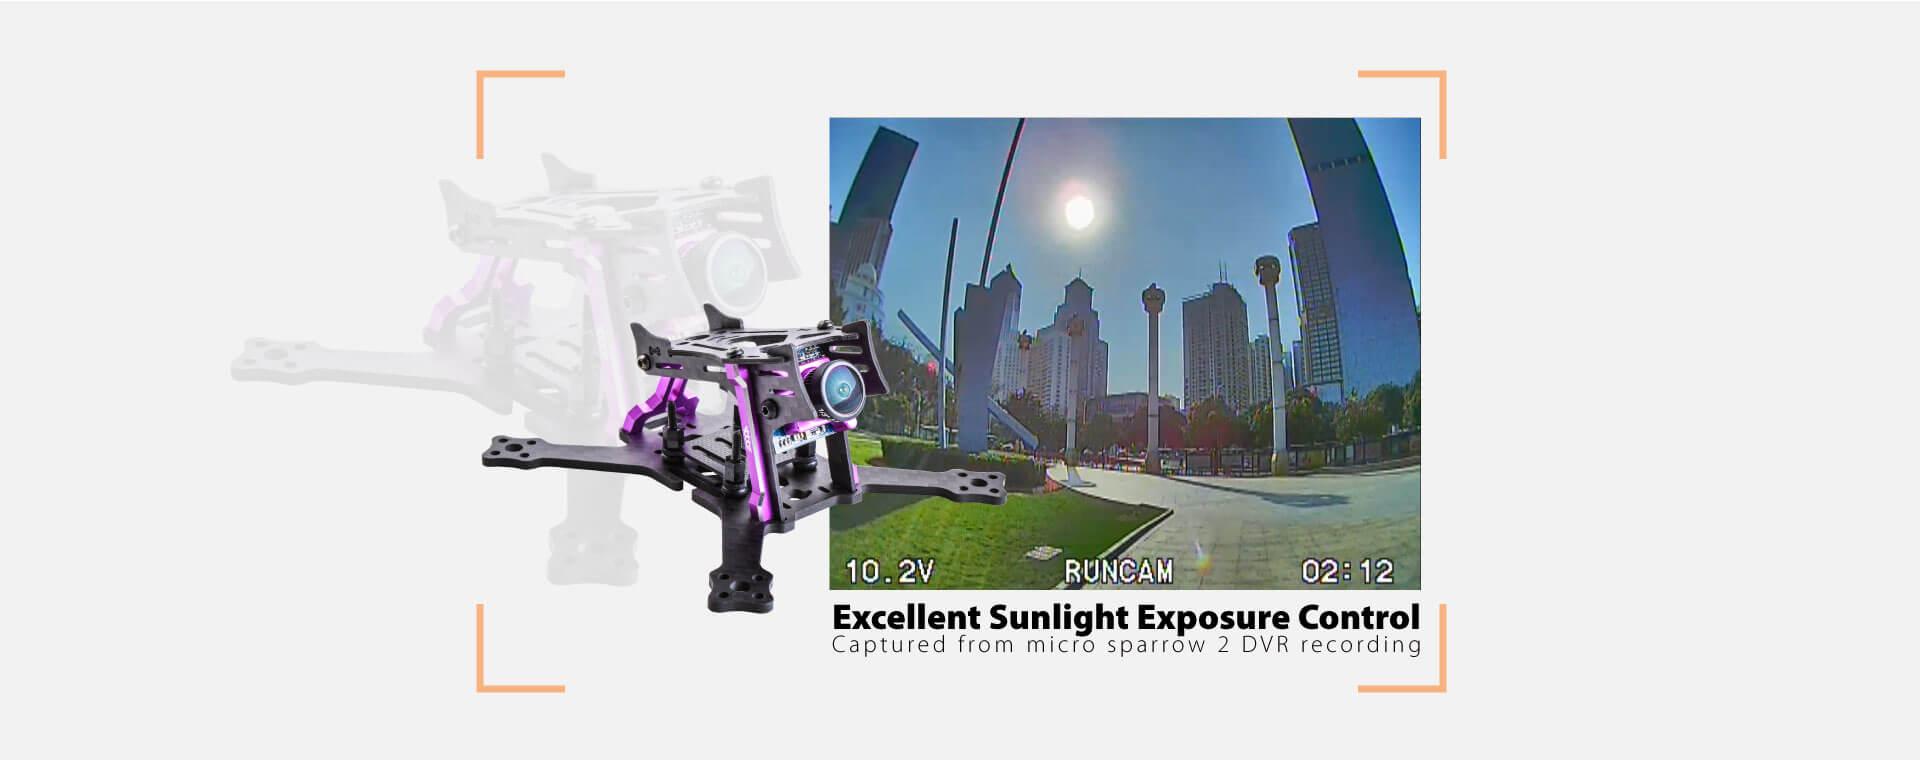 Kamera RunCam Micro Sparrow 2 z świetną ekspozycją pod słońce.